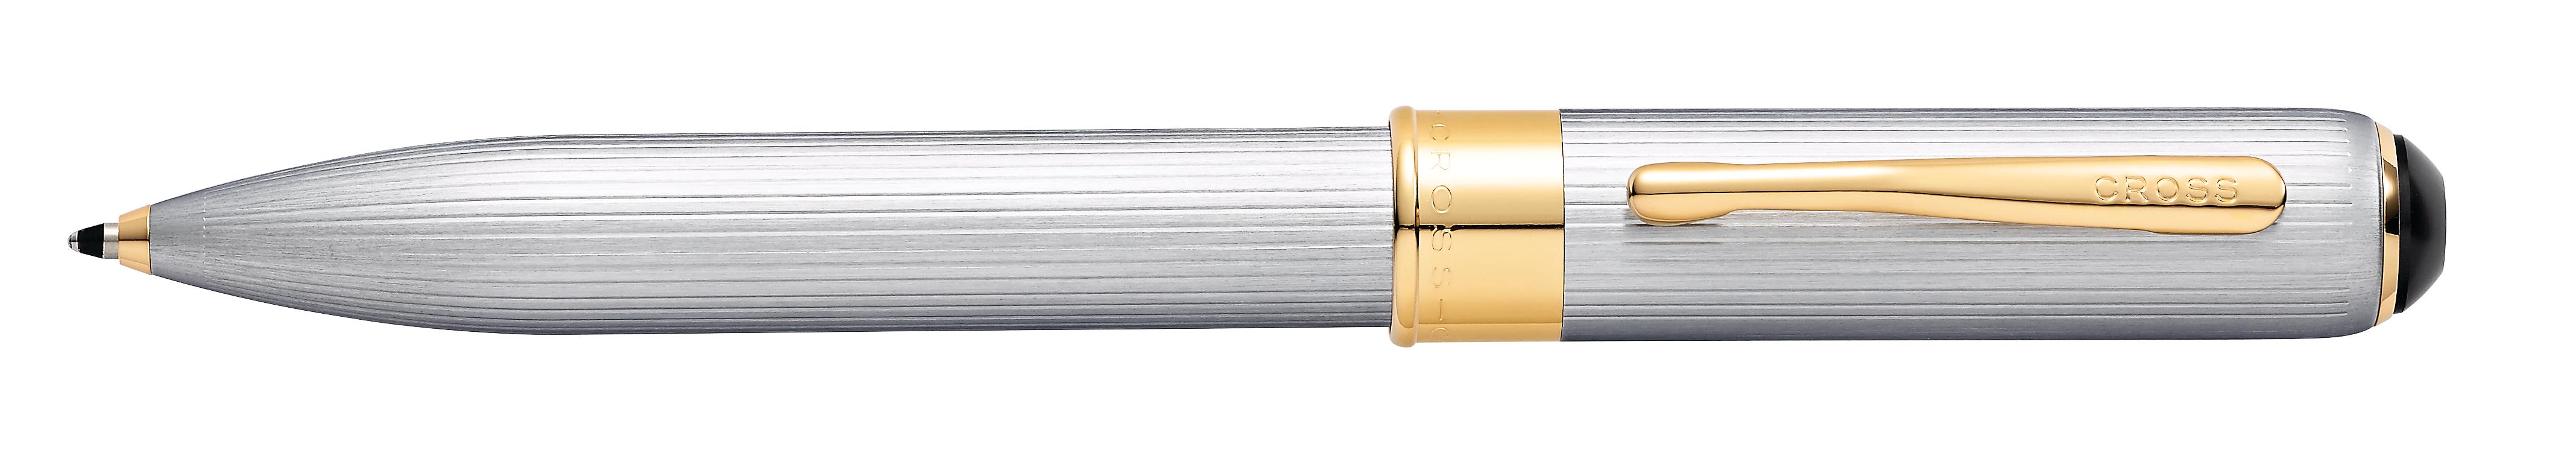 Cross TrackR Brushed Chrome Ballpoint Pen